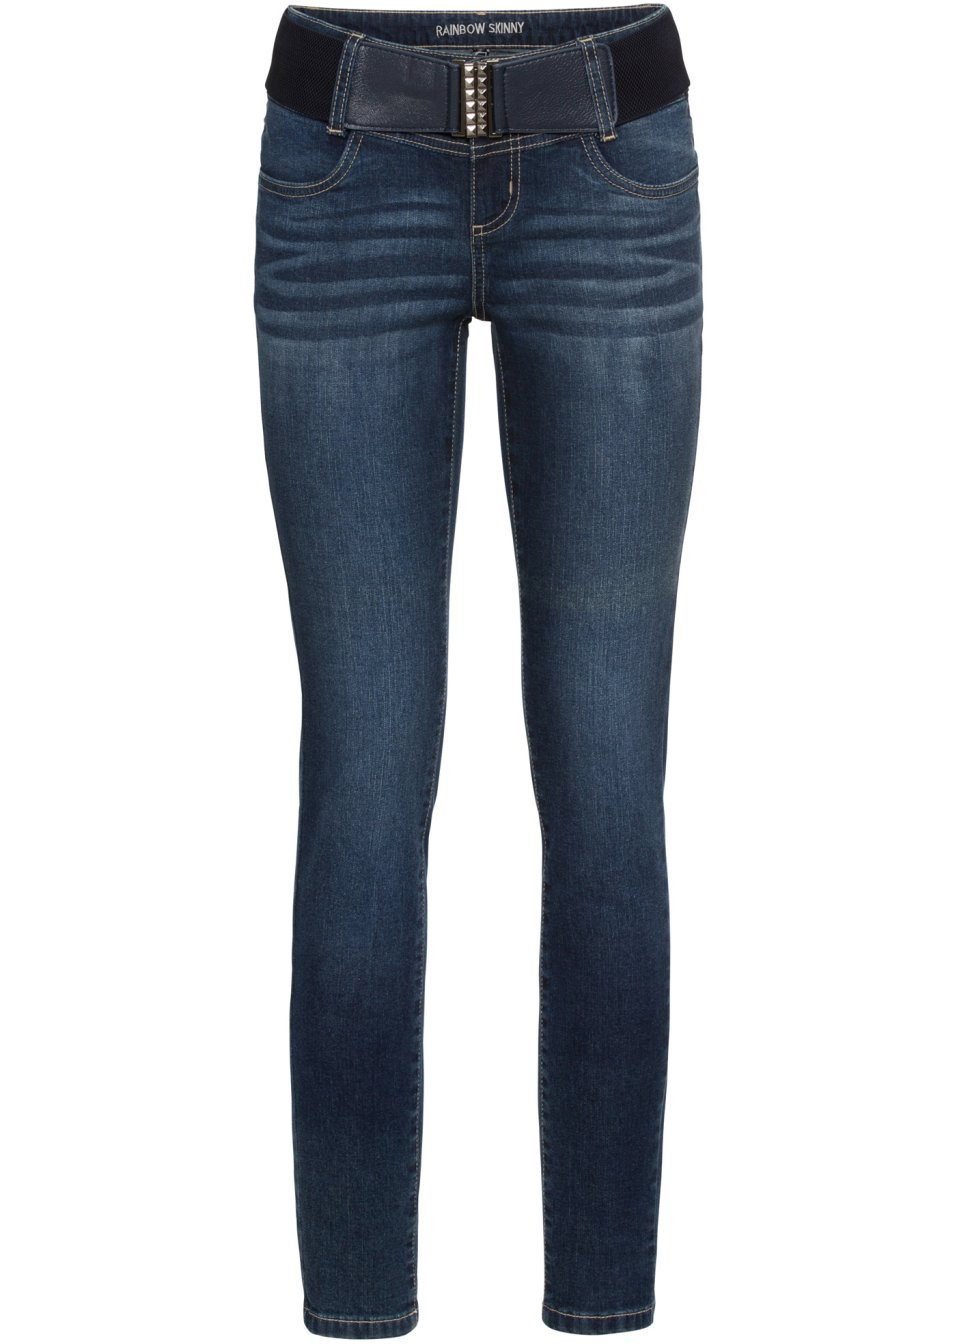 Mit Kontrastnähten gestaltete Skinny Jeans mit Gürtel und Ziersteinen - dark denim 90yr1 RxCXR